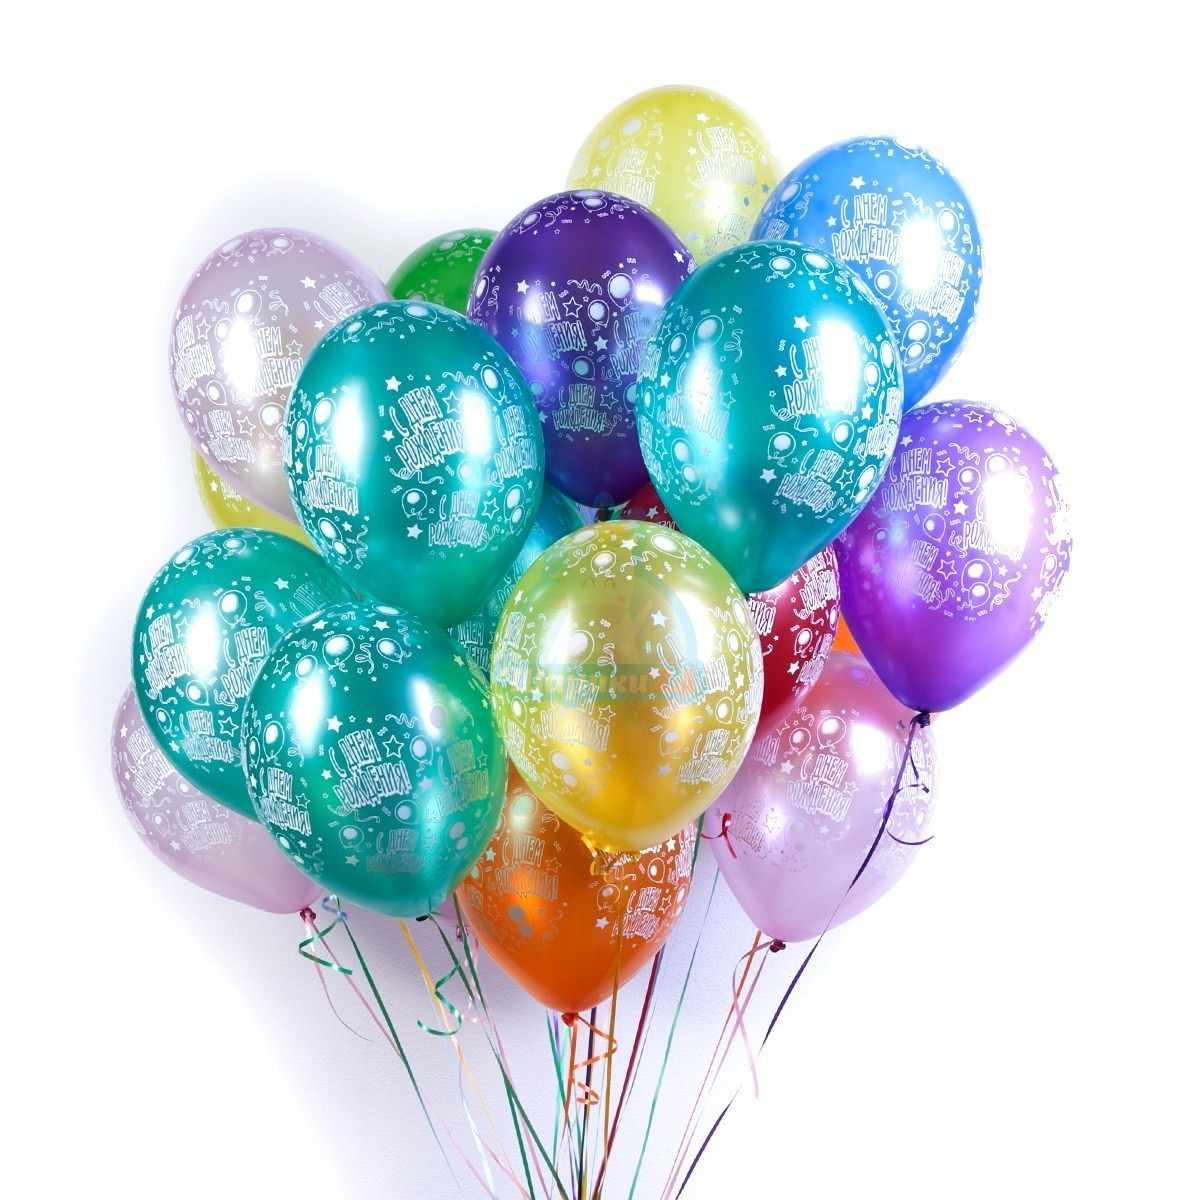 Воздушные шары с Днем рождения фото в интернет-магазине Шарики 24